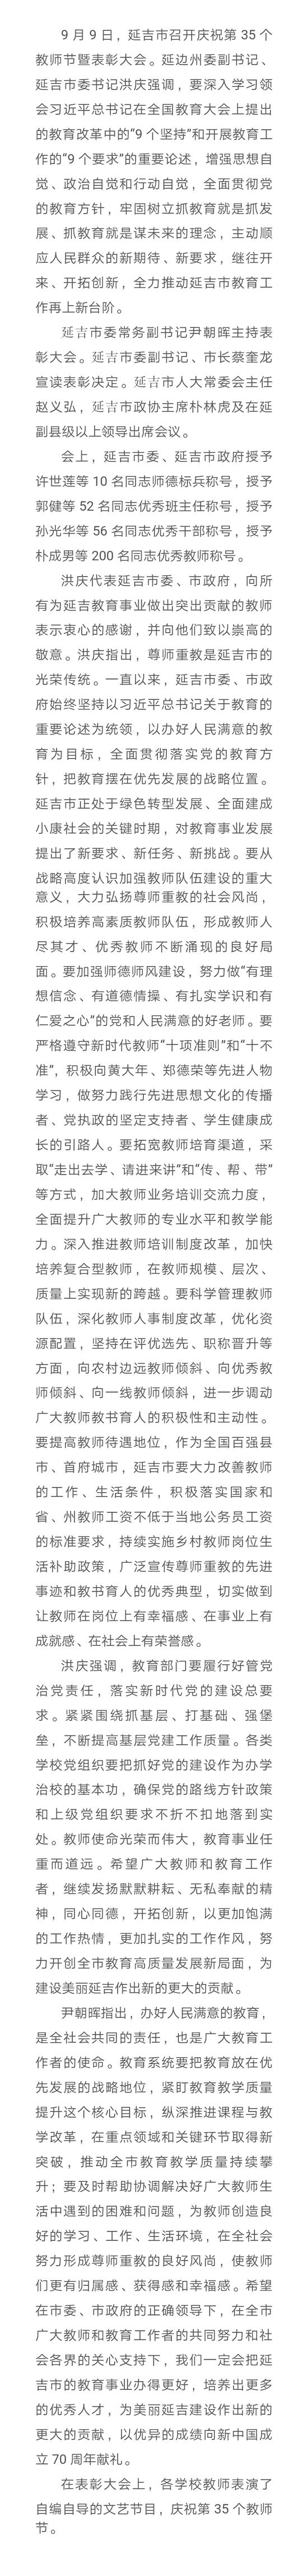 延吉市召开教师节表彰大会 318名先进受表彰